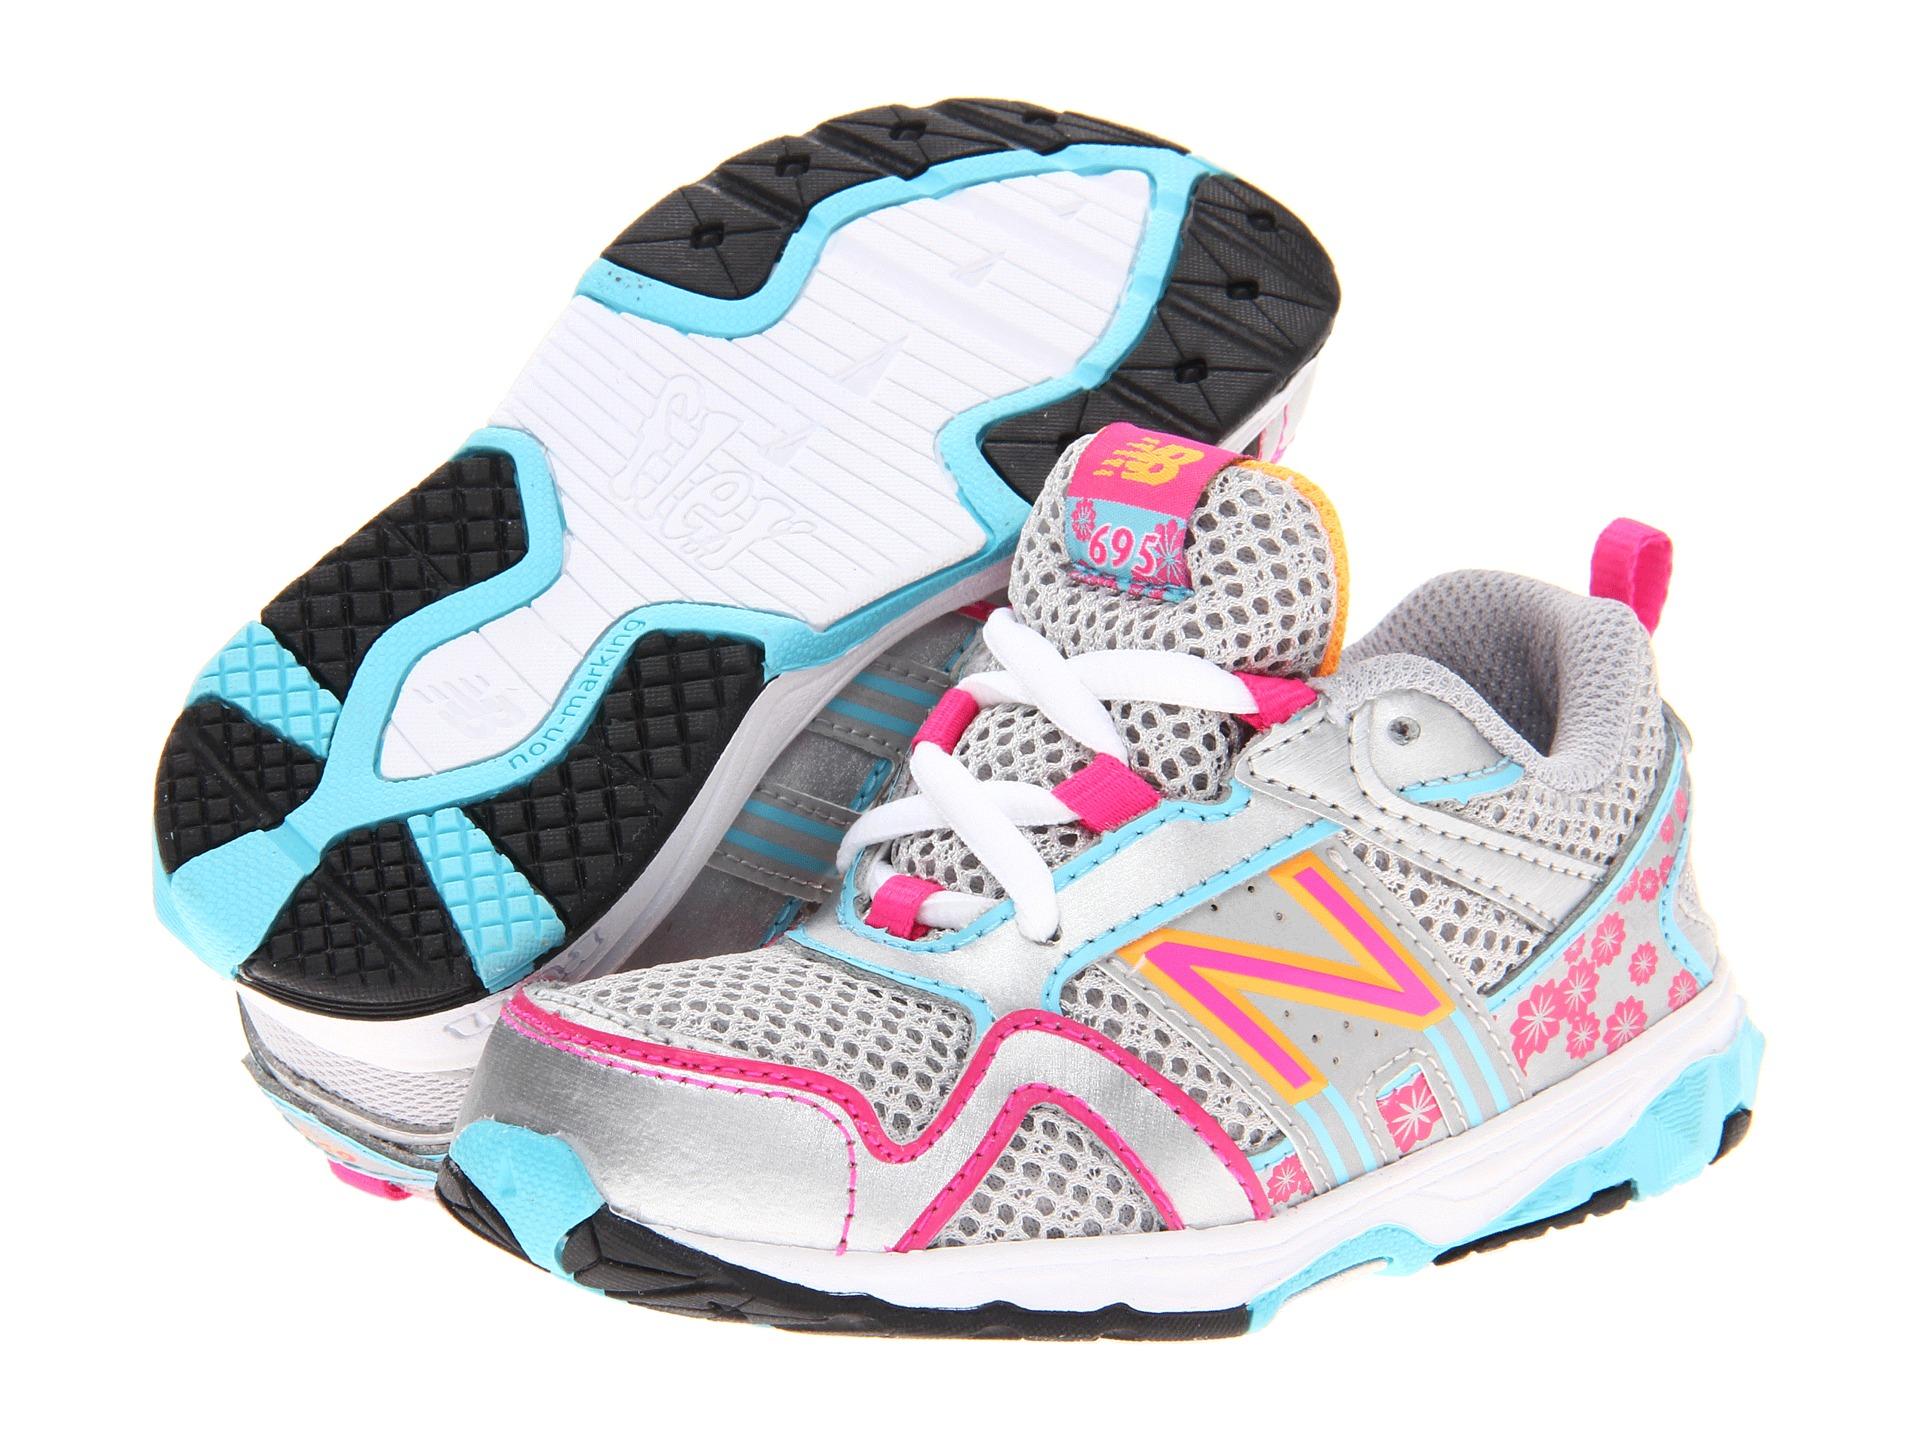 New Balance Kids Kj695 Infant Toddler Pink Blue